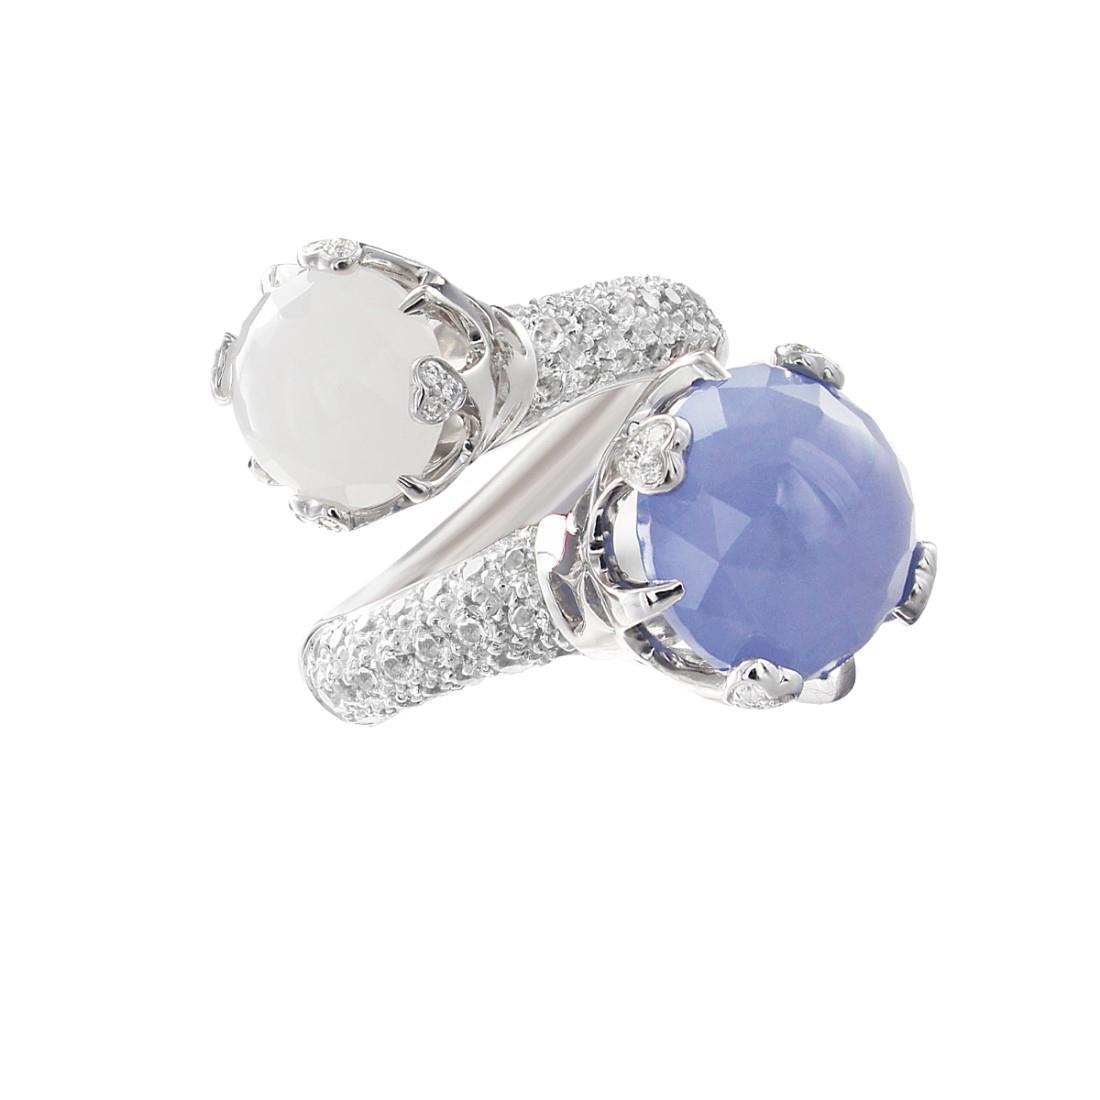 Anellocon diamanti e calcedonio - PASQUALE BRUNI